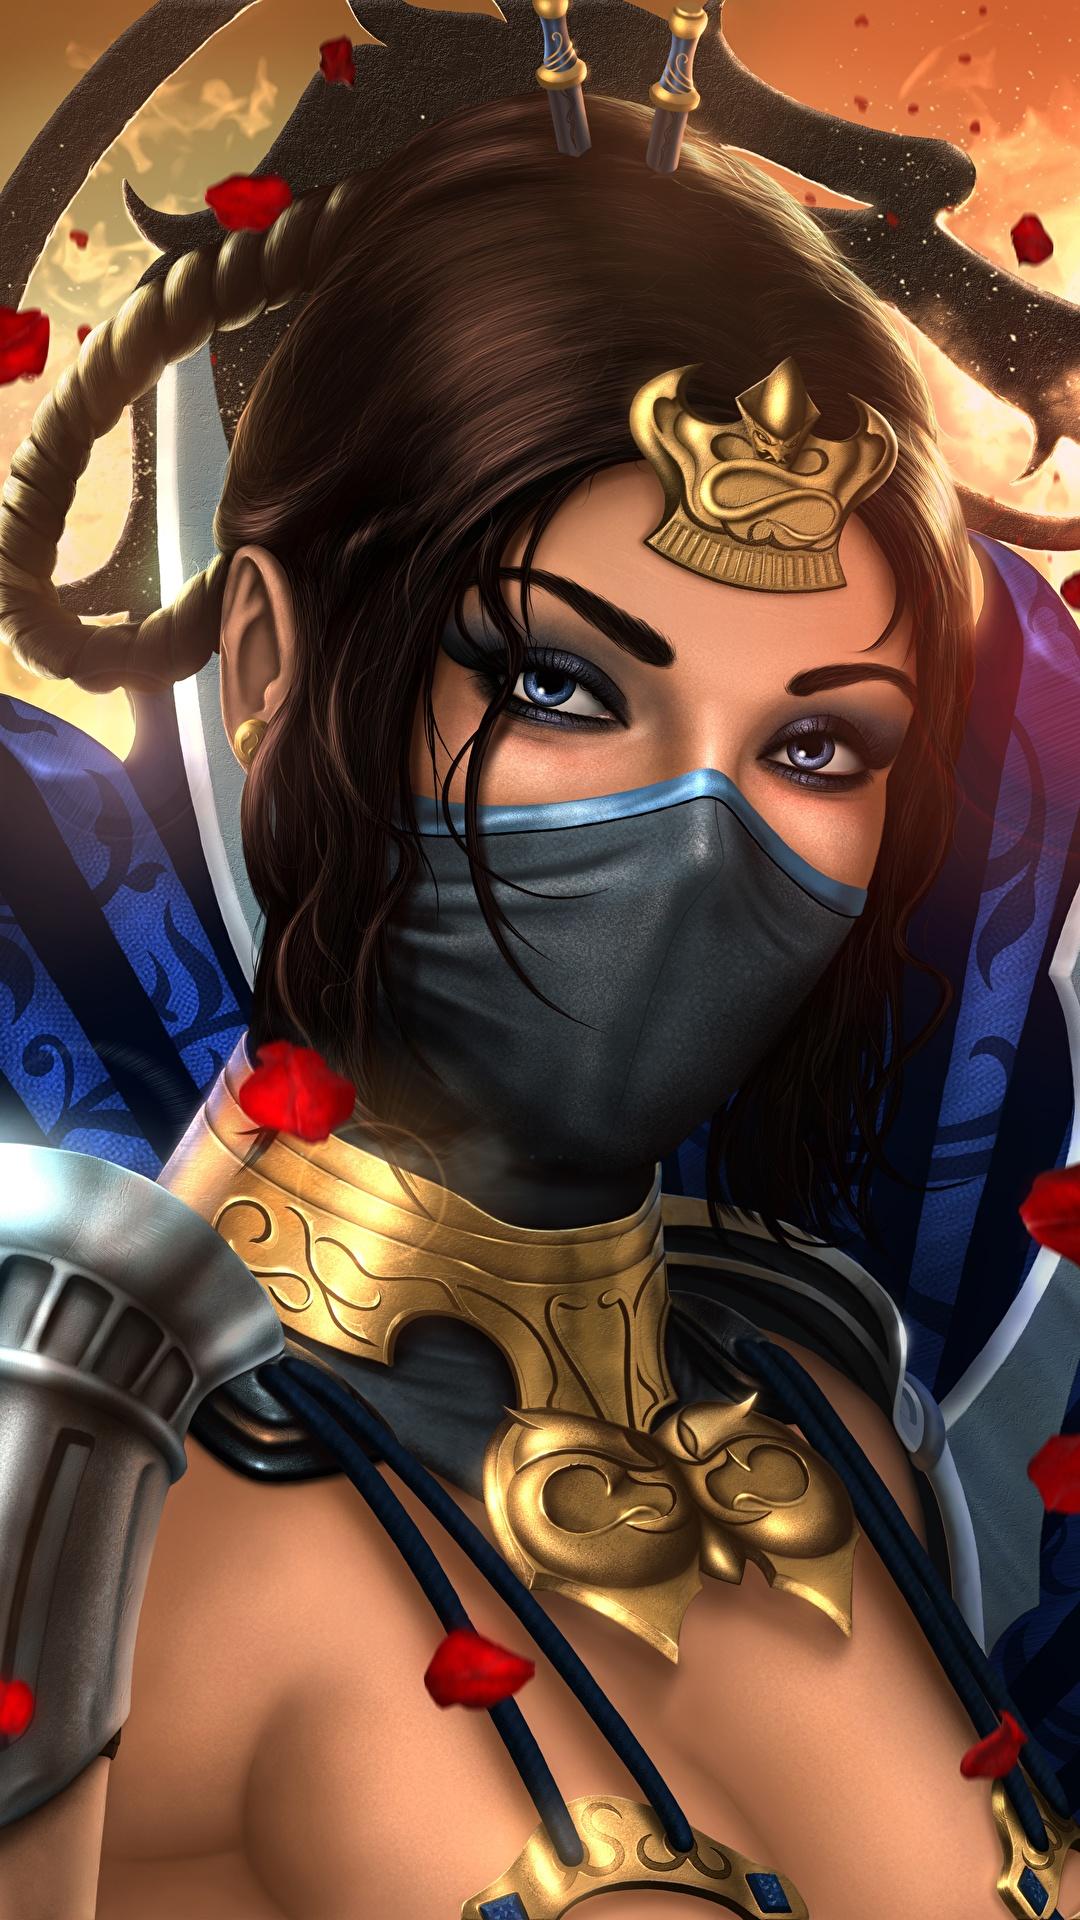 Desktop Wallpapers Mortal Kombat Warriors Kitana Beautiful 1080x1920